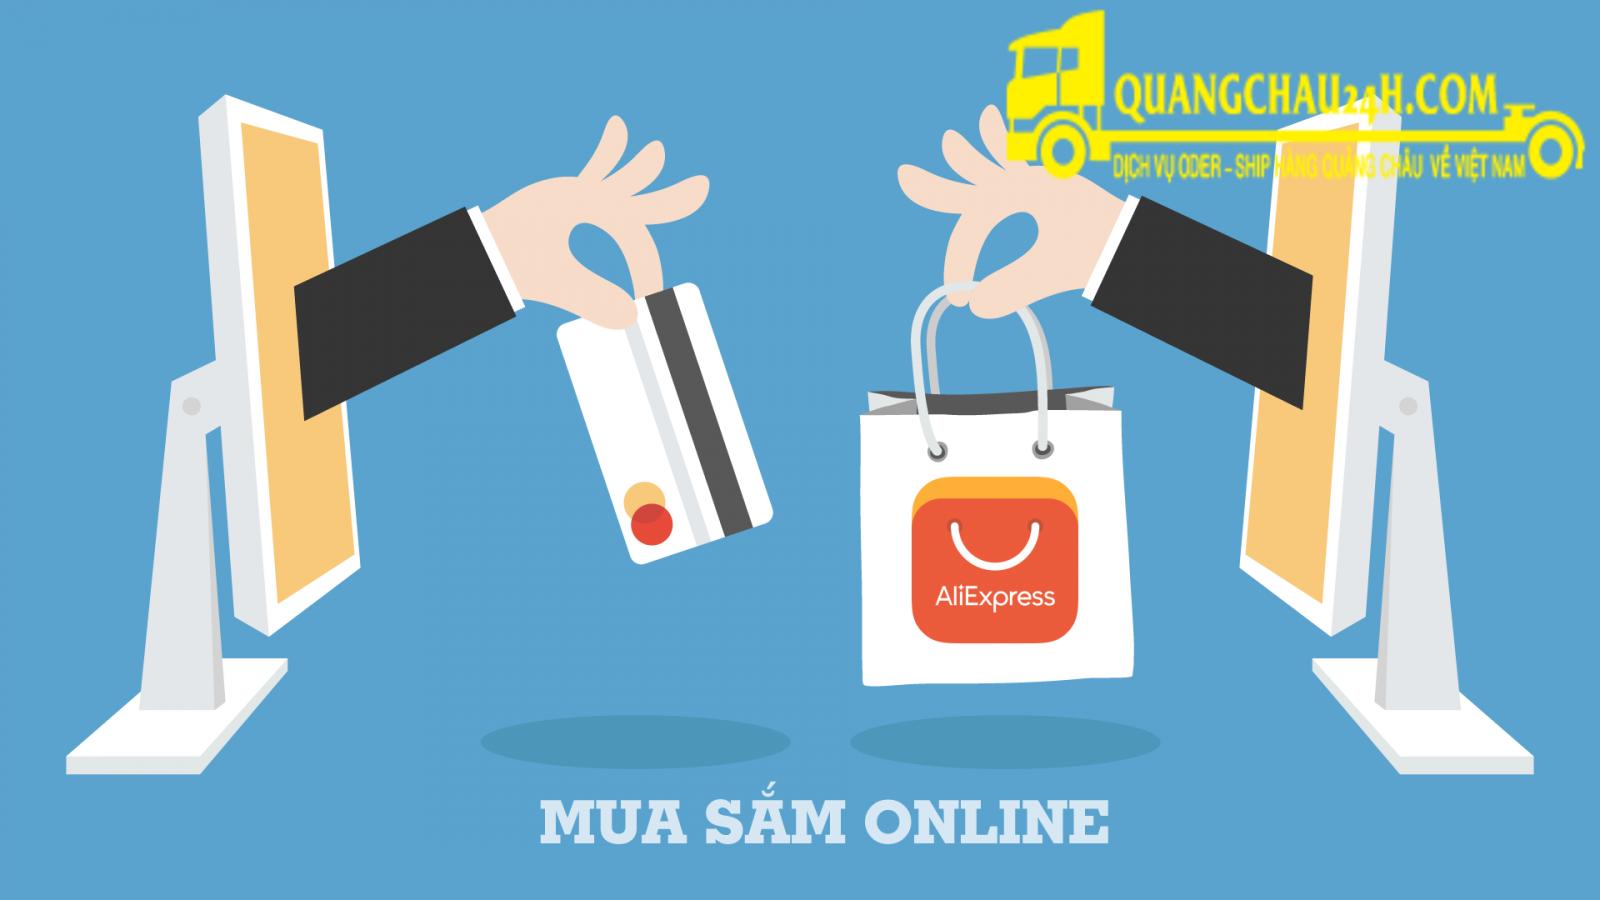 Săn nguồn hàng giá rẻ với cách mua hàng Taobao – Phần 1